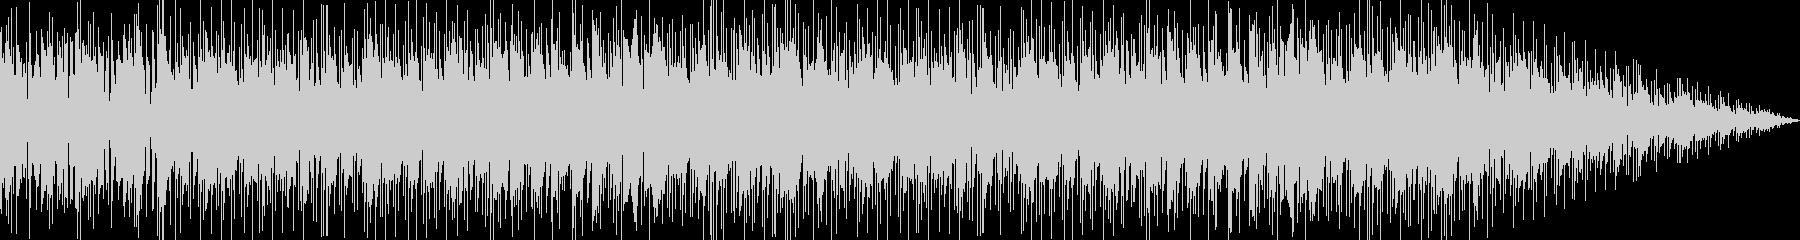 レトロアクションゲーム風ロックBGMの未再生の波形